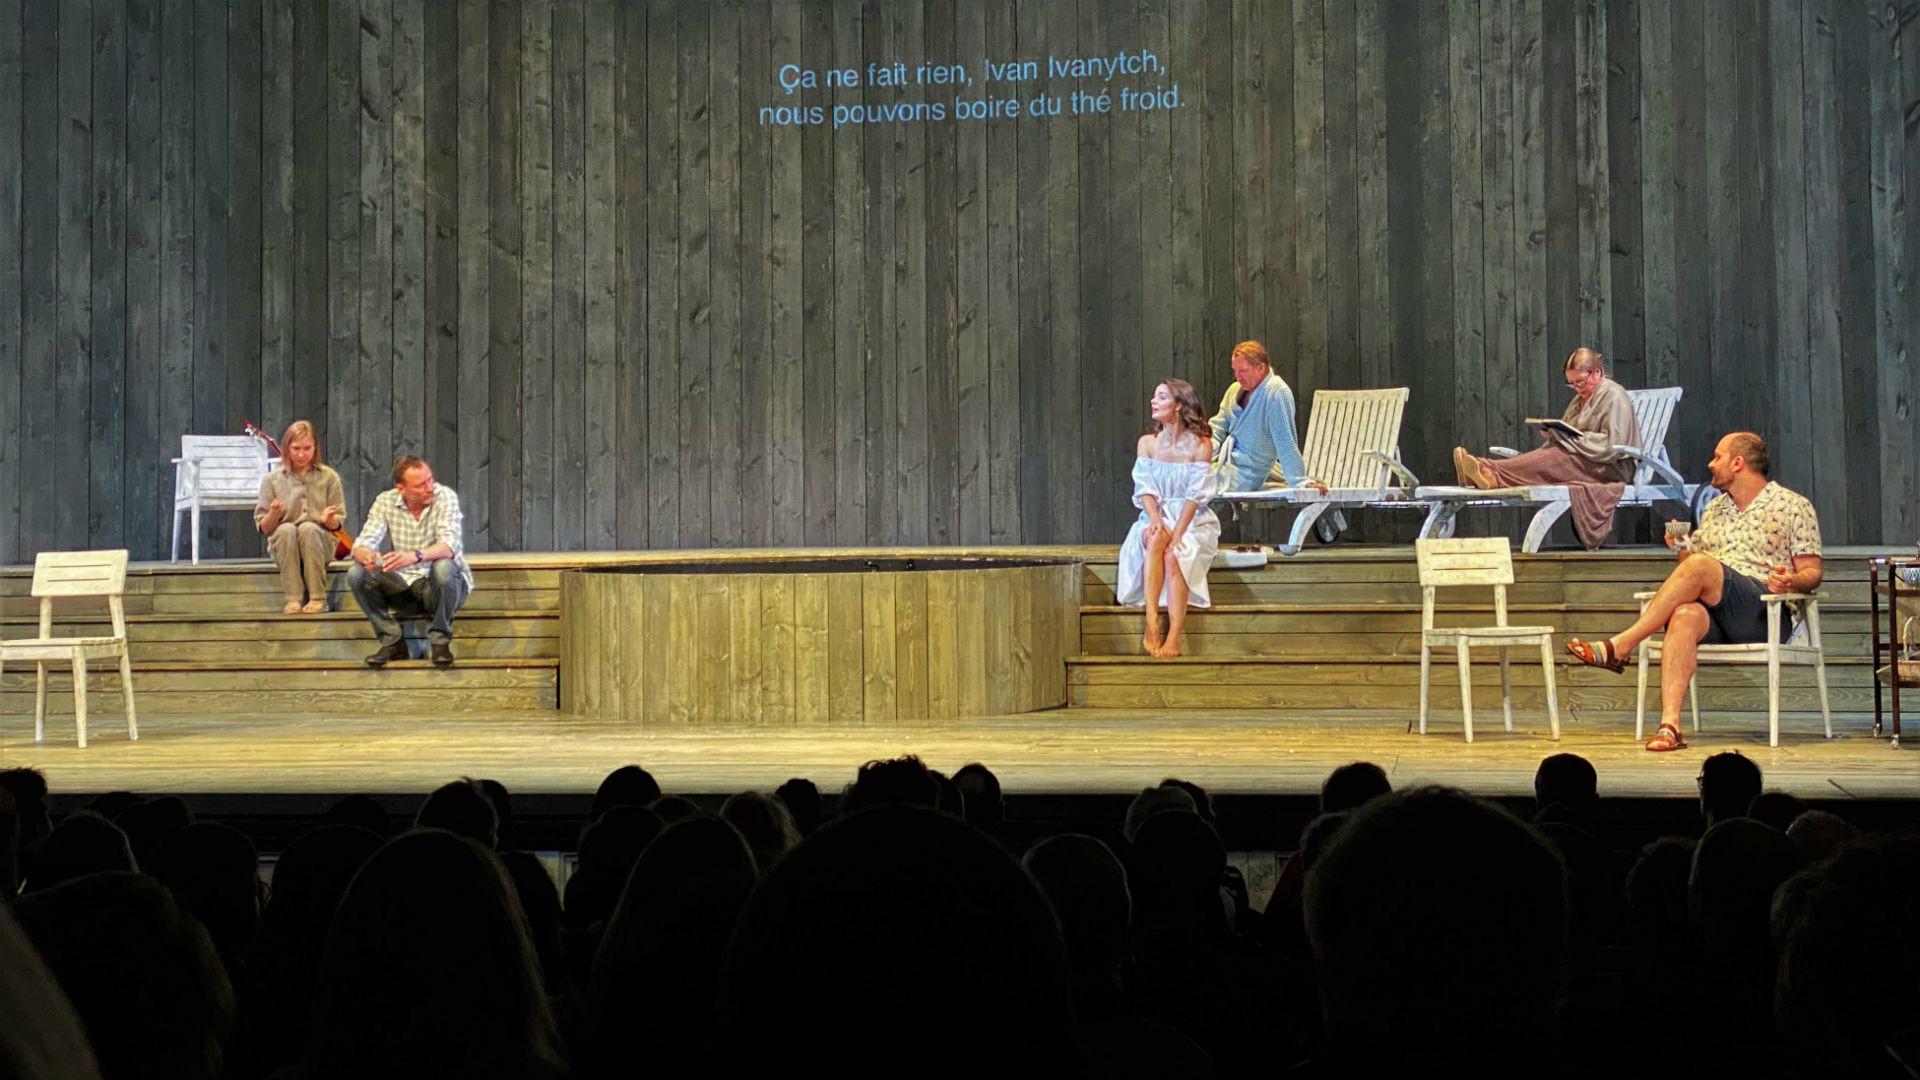 Le grand classique Oncle Vania d'Anton Tchekhov par les acteurs du Théâtre des Nations de Moscou